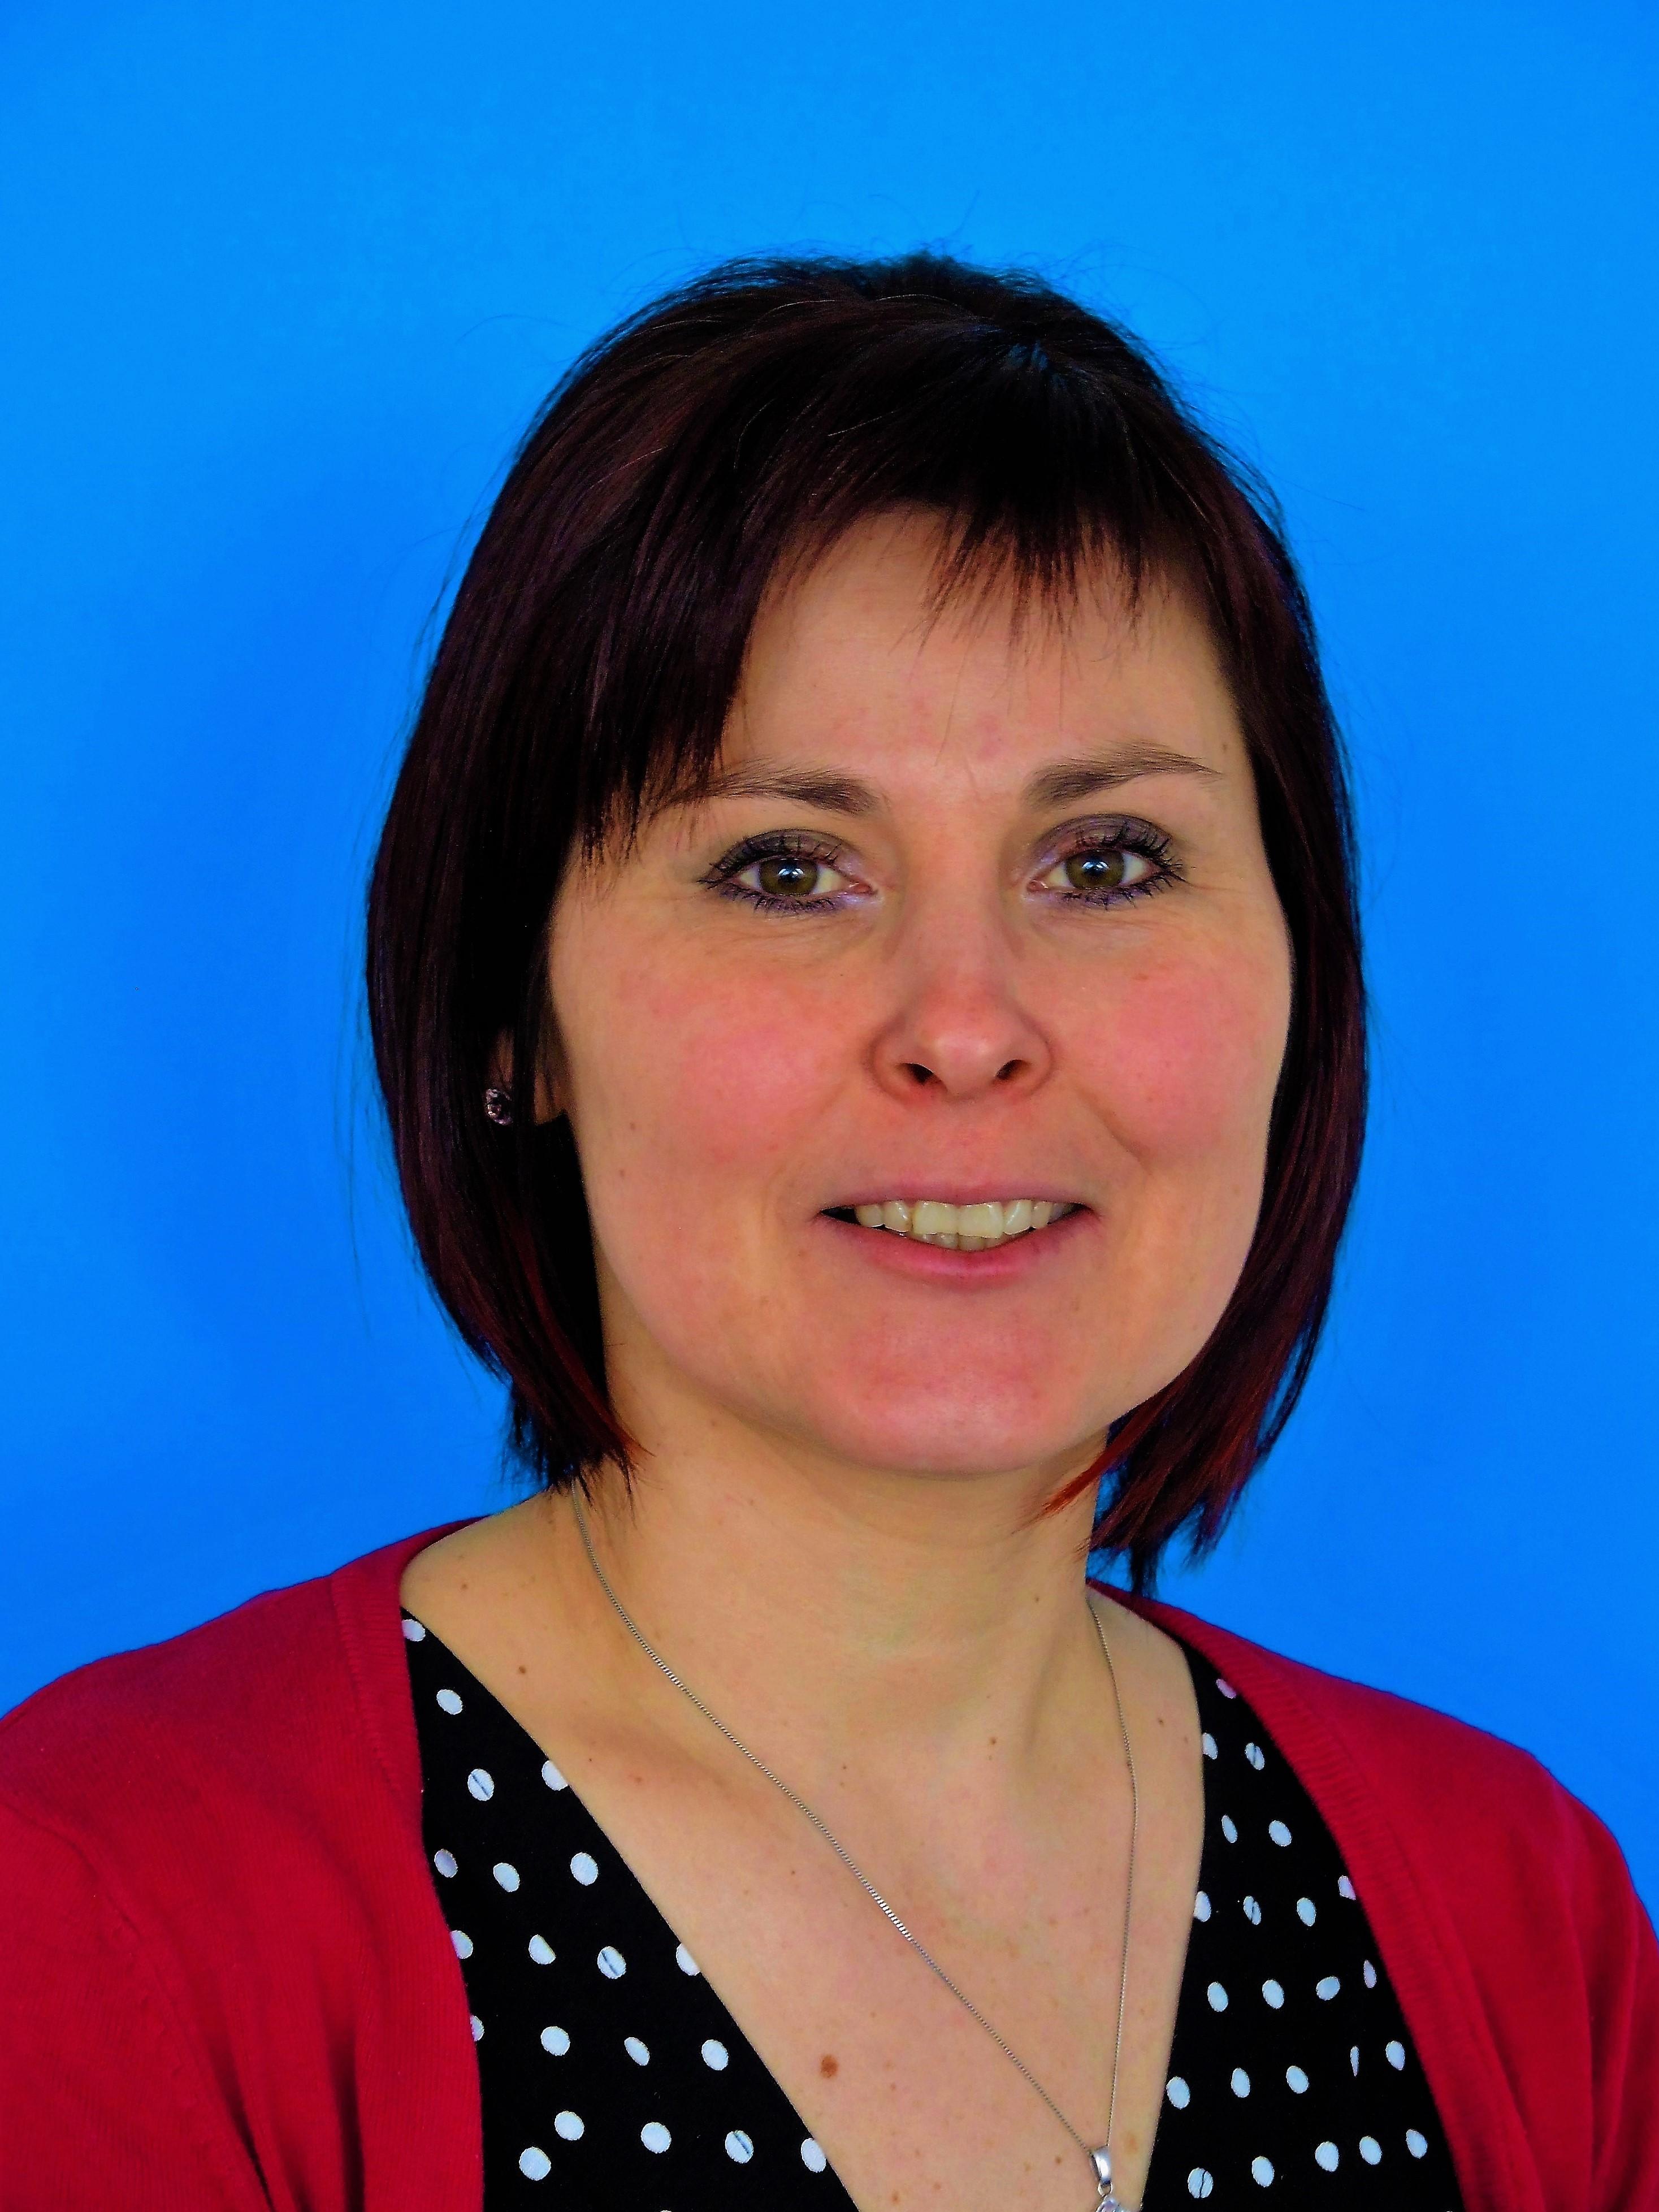 Kateřina Tomínová